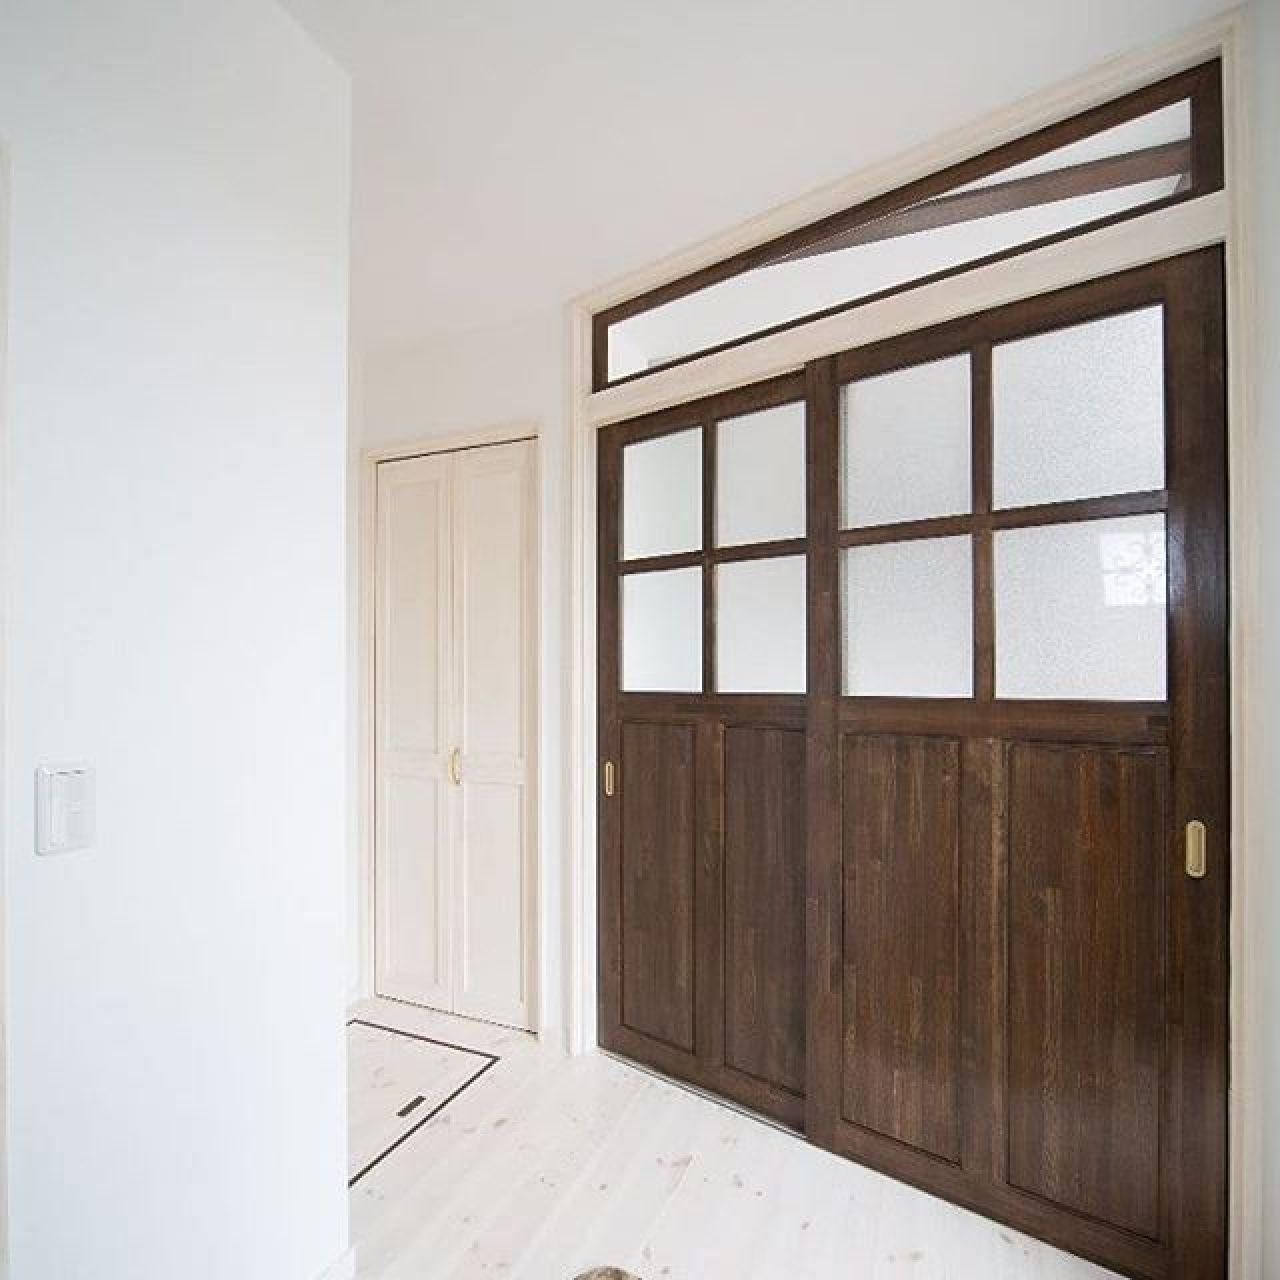 カントリー調の玄関ホール。手造り感をだしています。#玄関ホール #手造り建具 #手造りドア #カントリー調 #アメリカン #白い床 #自然素材住宅 #注文住宅新築